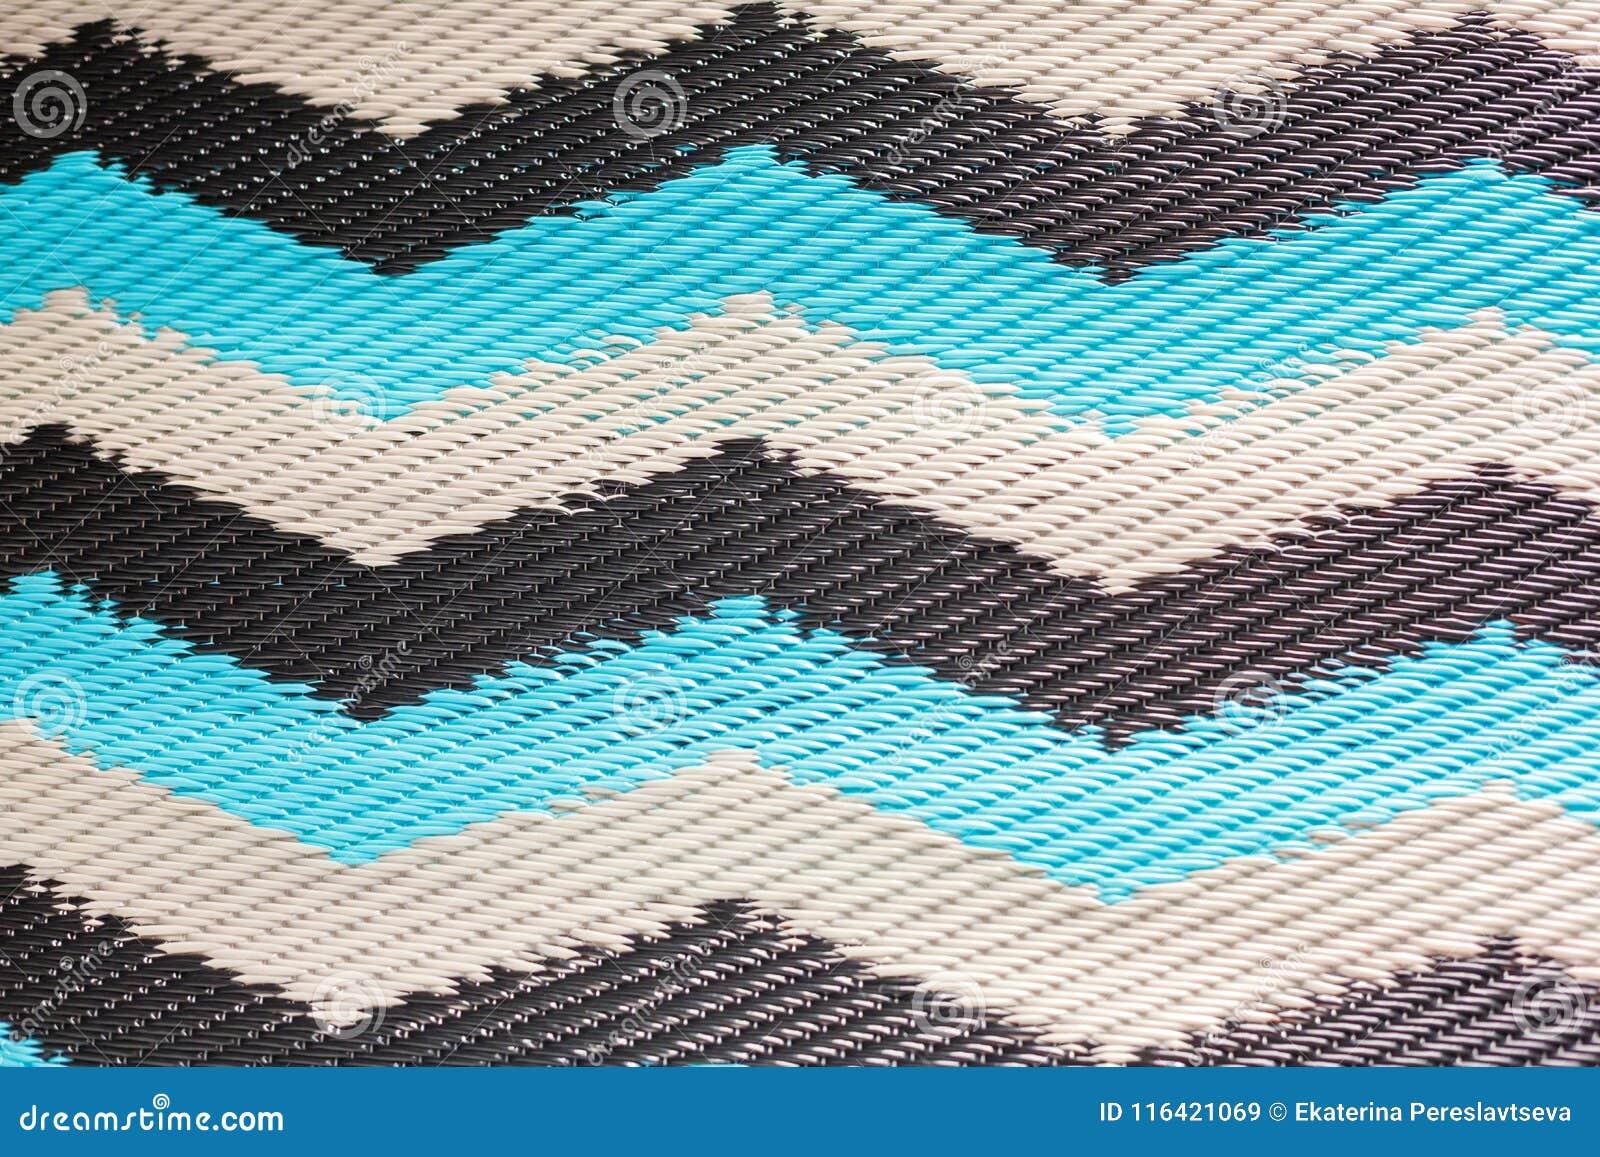 Texture Du Tapis Tisse Fait De Plastique Image Stock Image